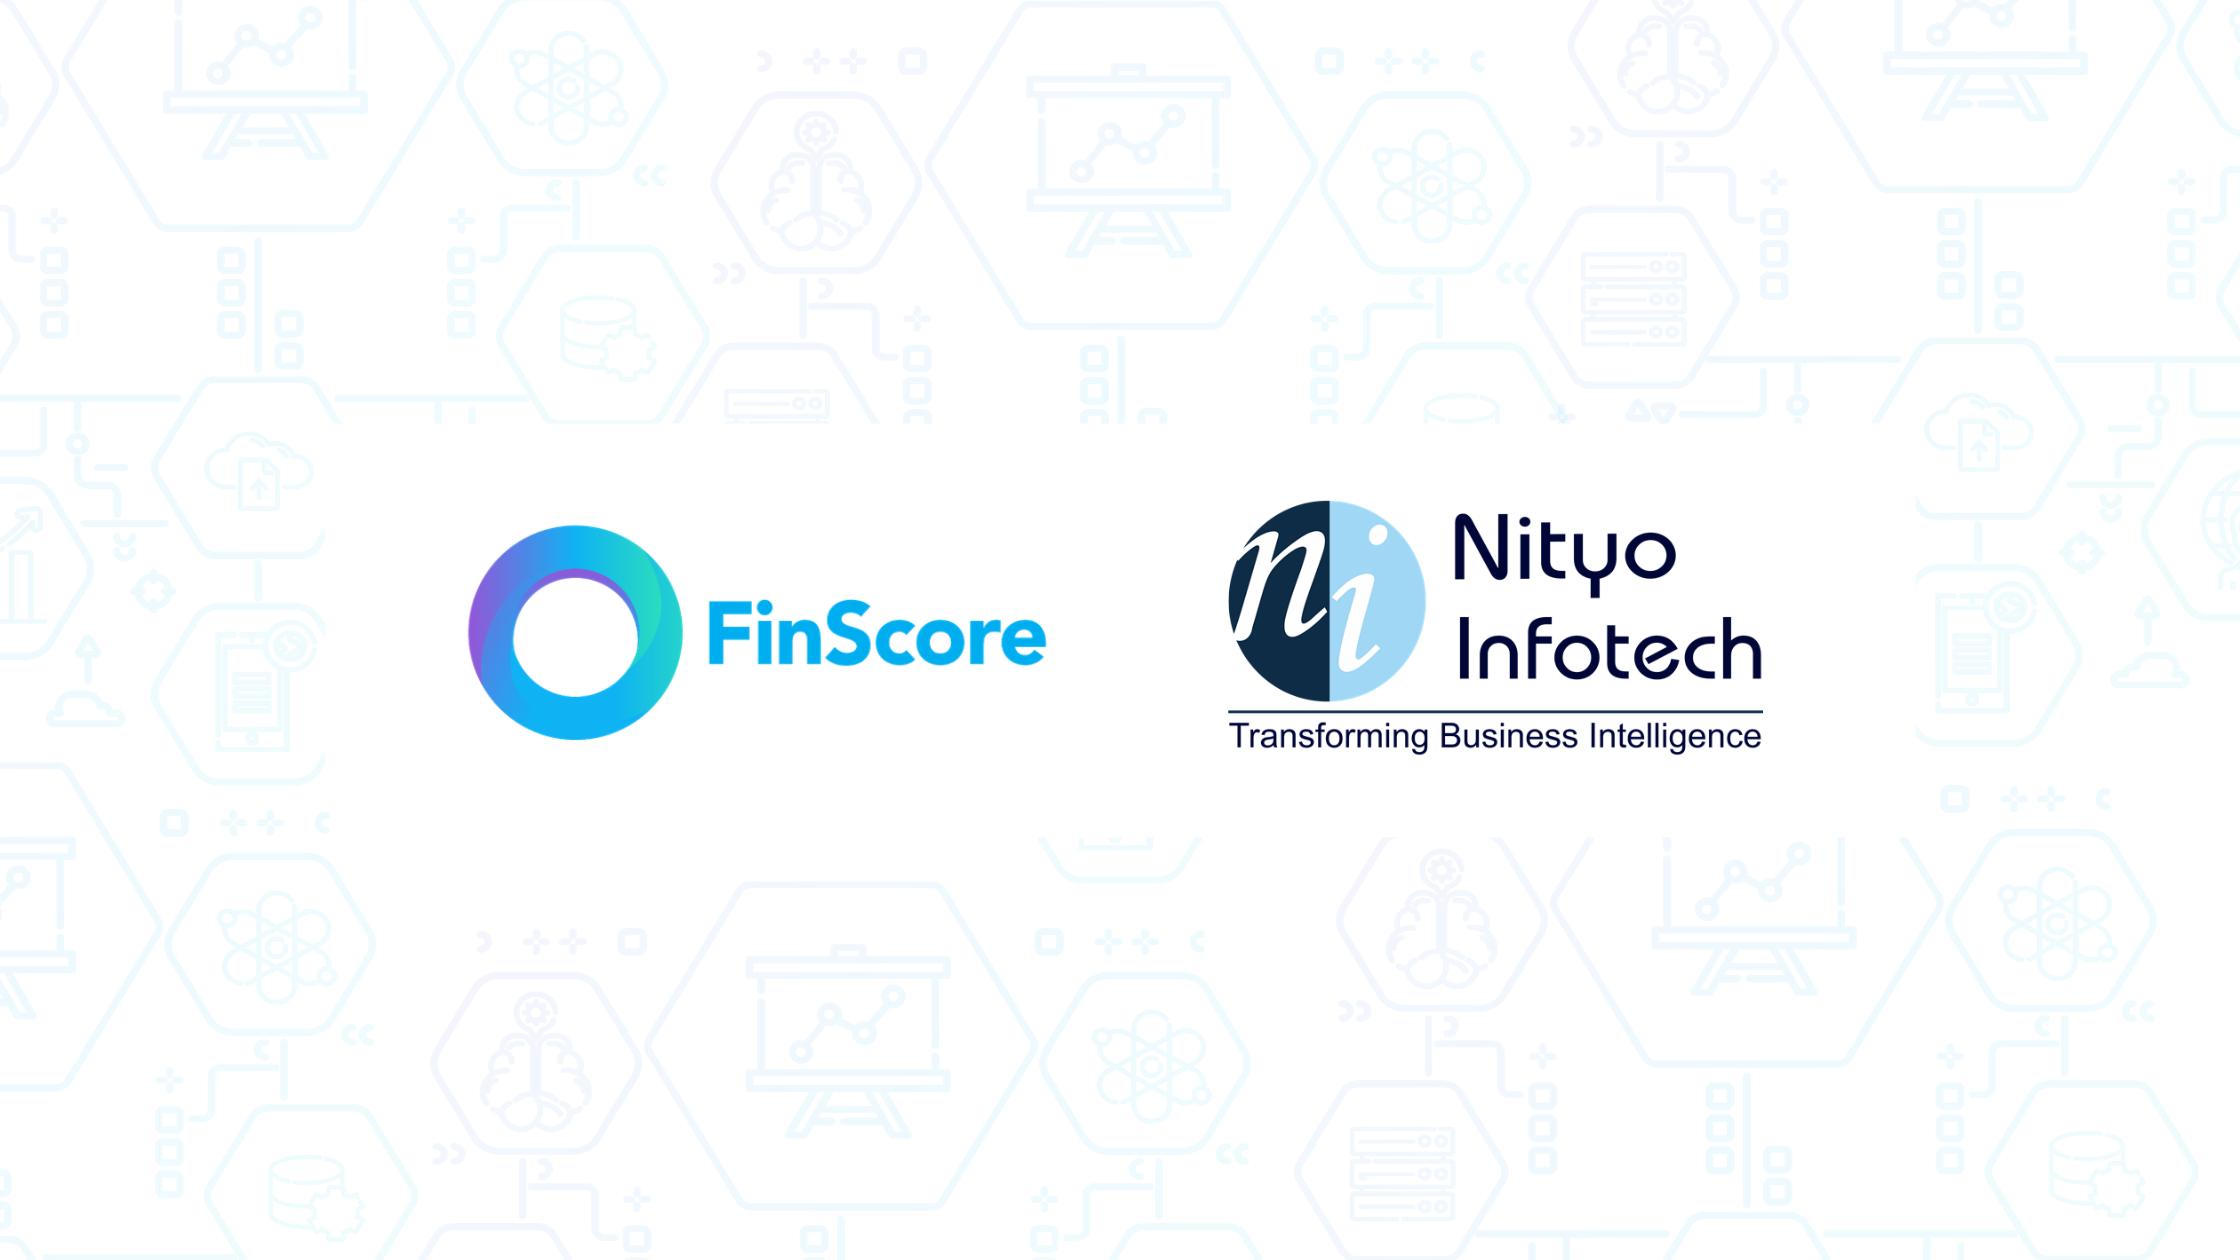 FinScore x Nityo Infotech Partnership